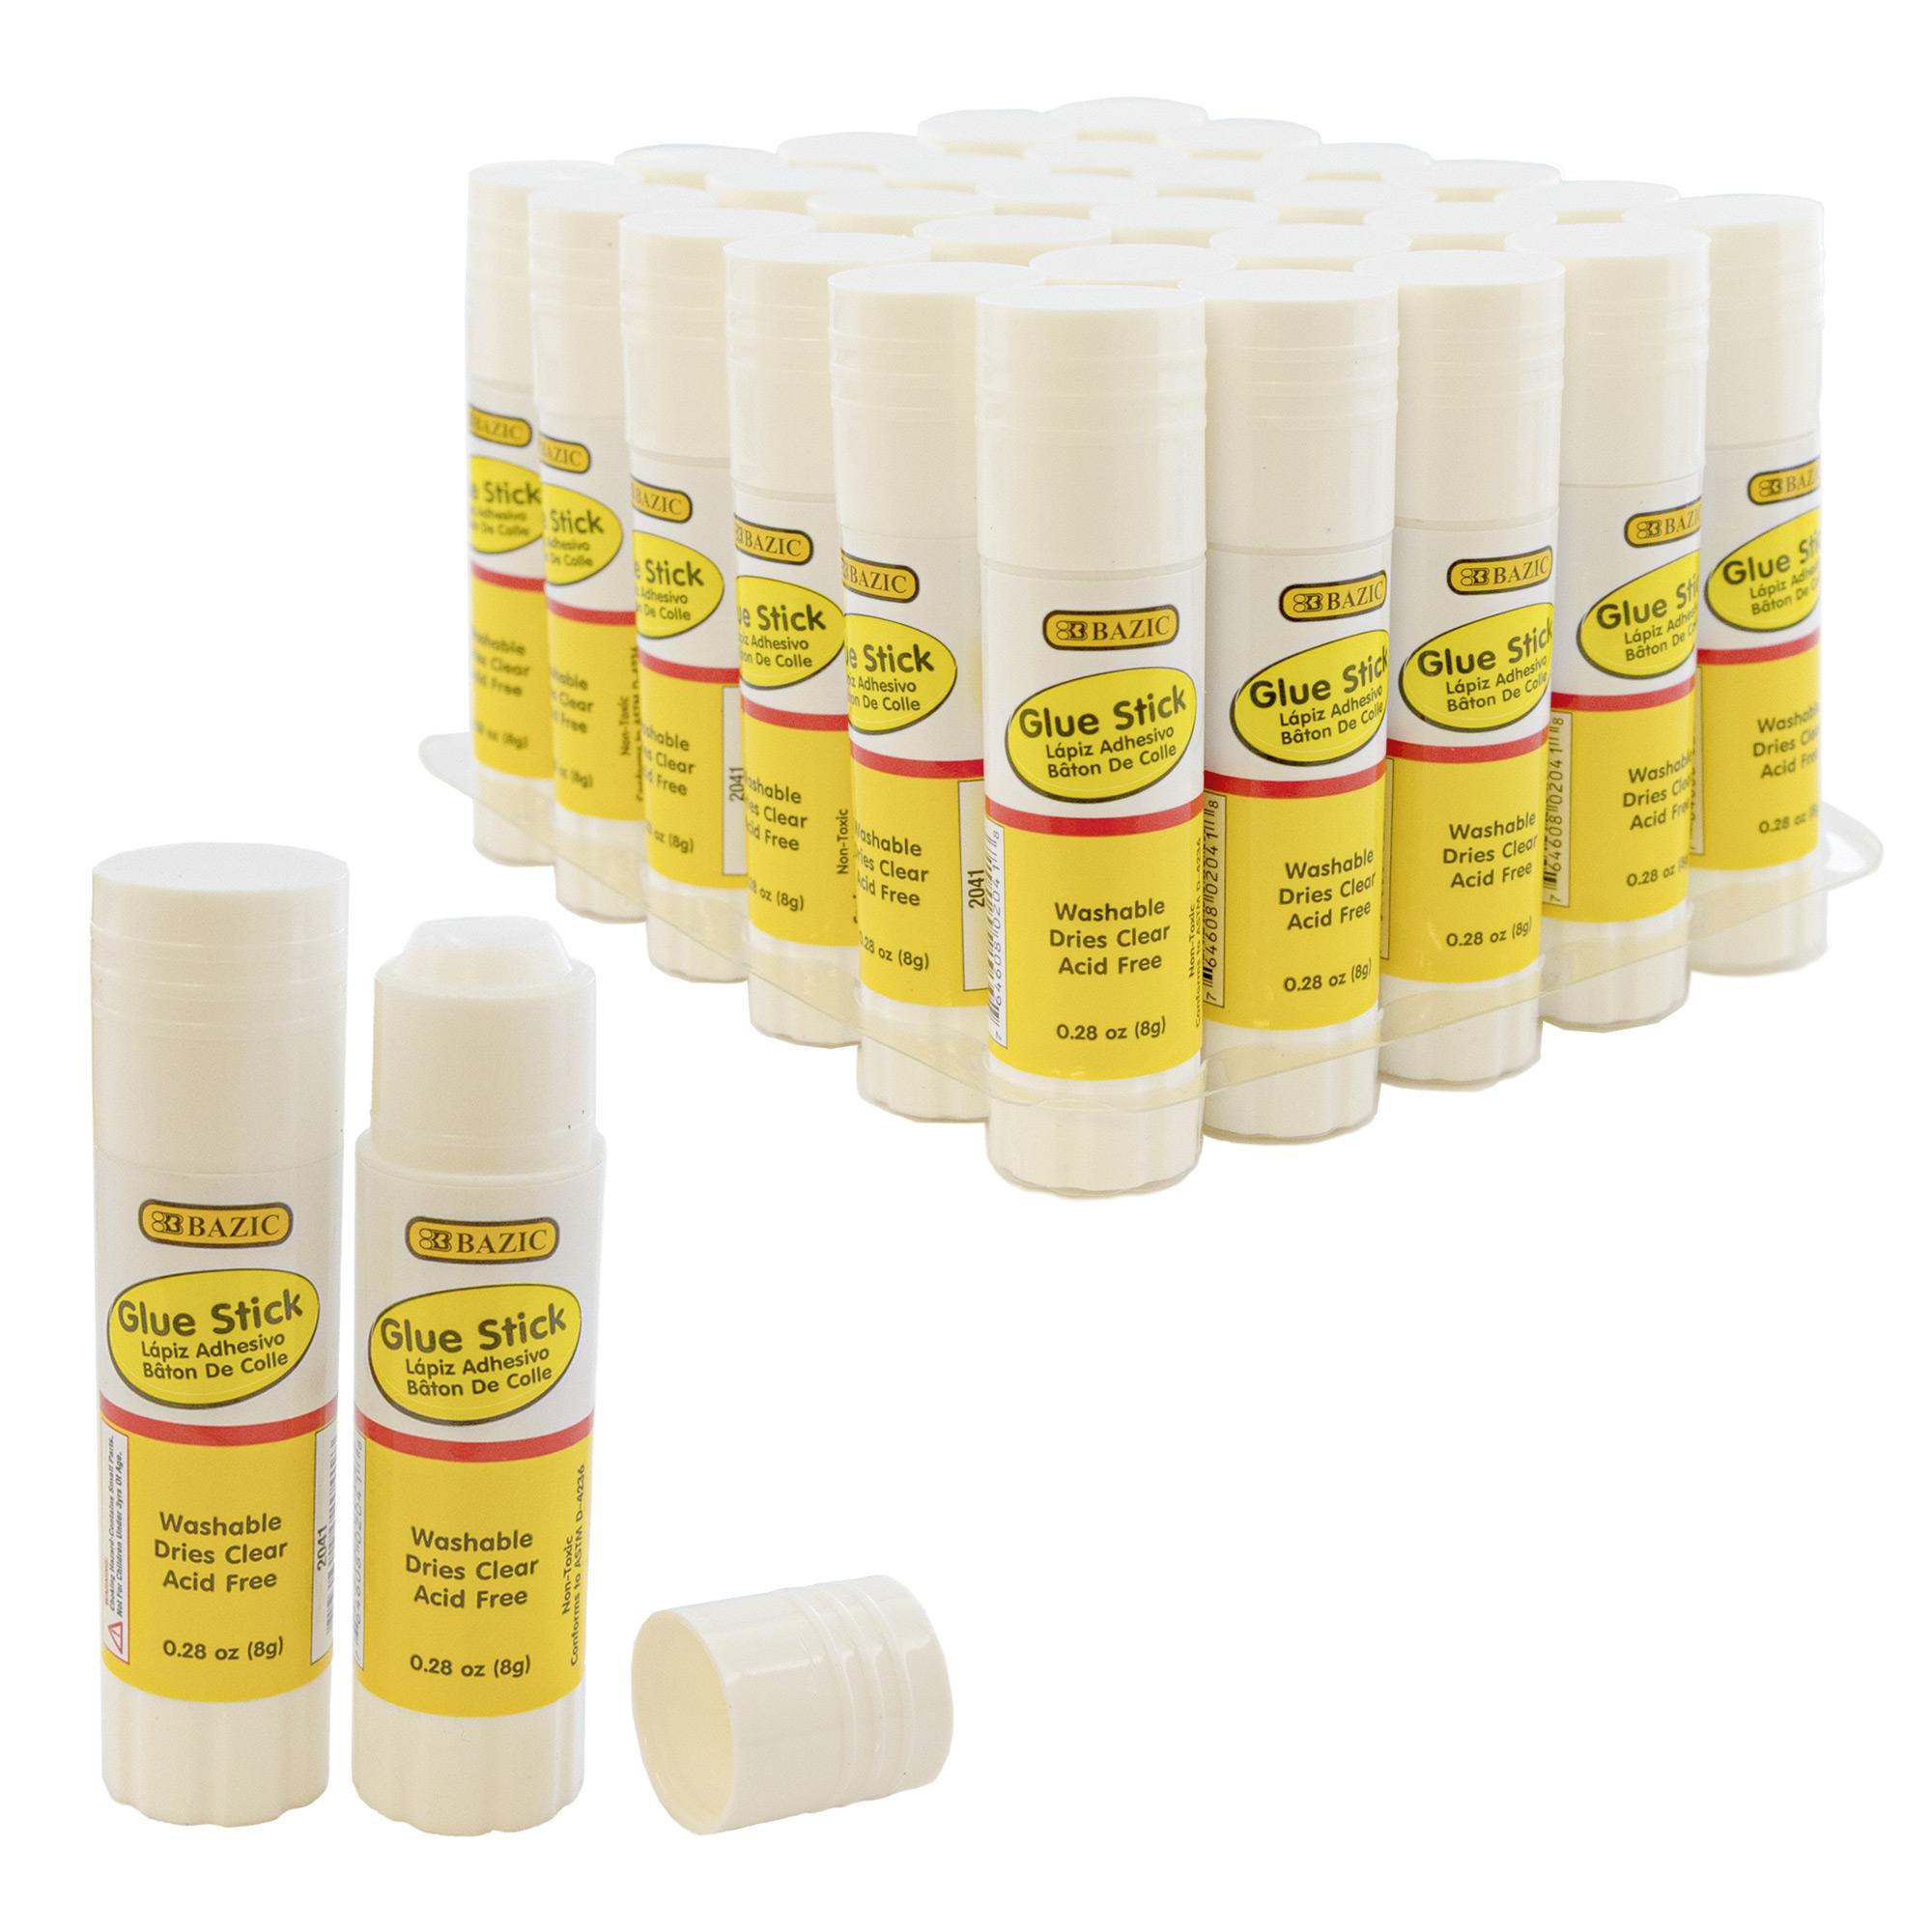 Glue Stick All Purpose 0.28 Oz (8g)(30/Pack)